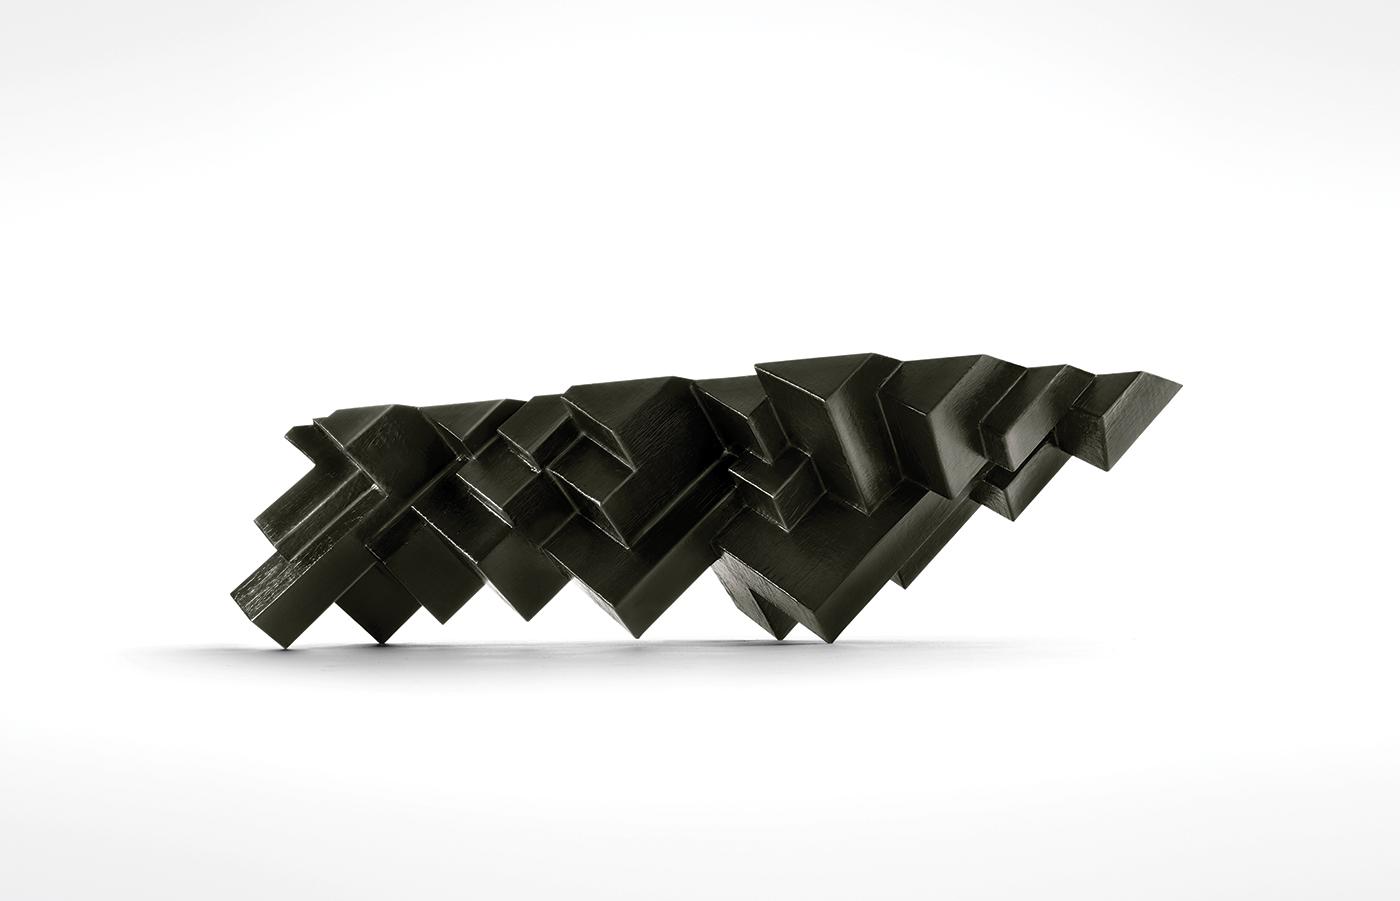 Carboniferous_1_big